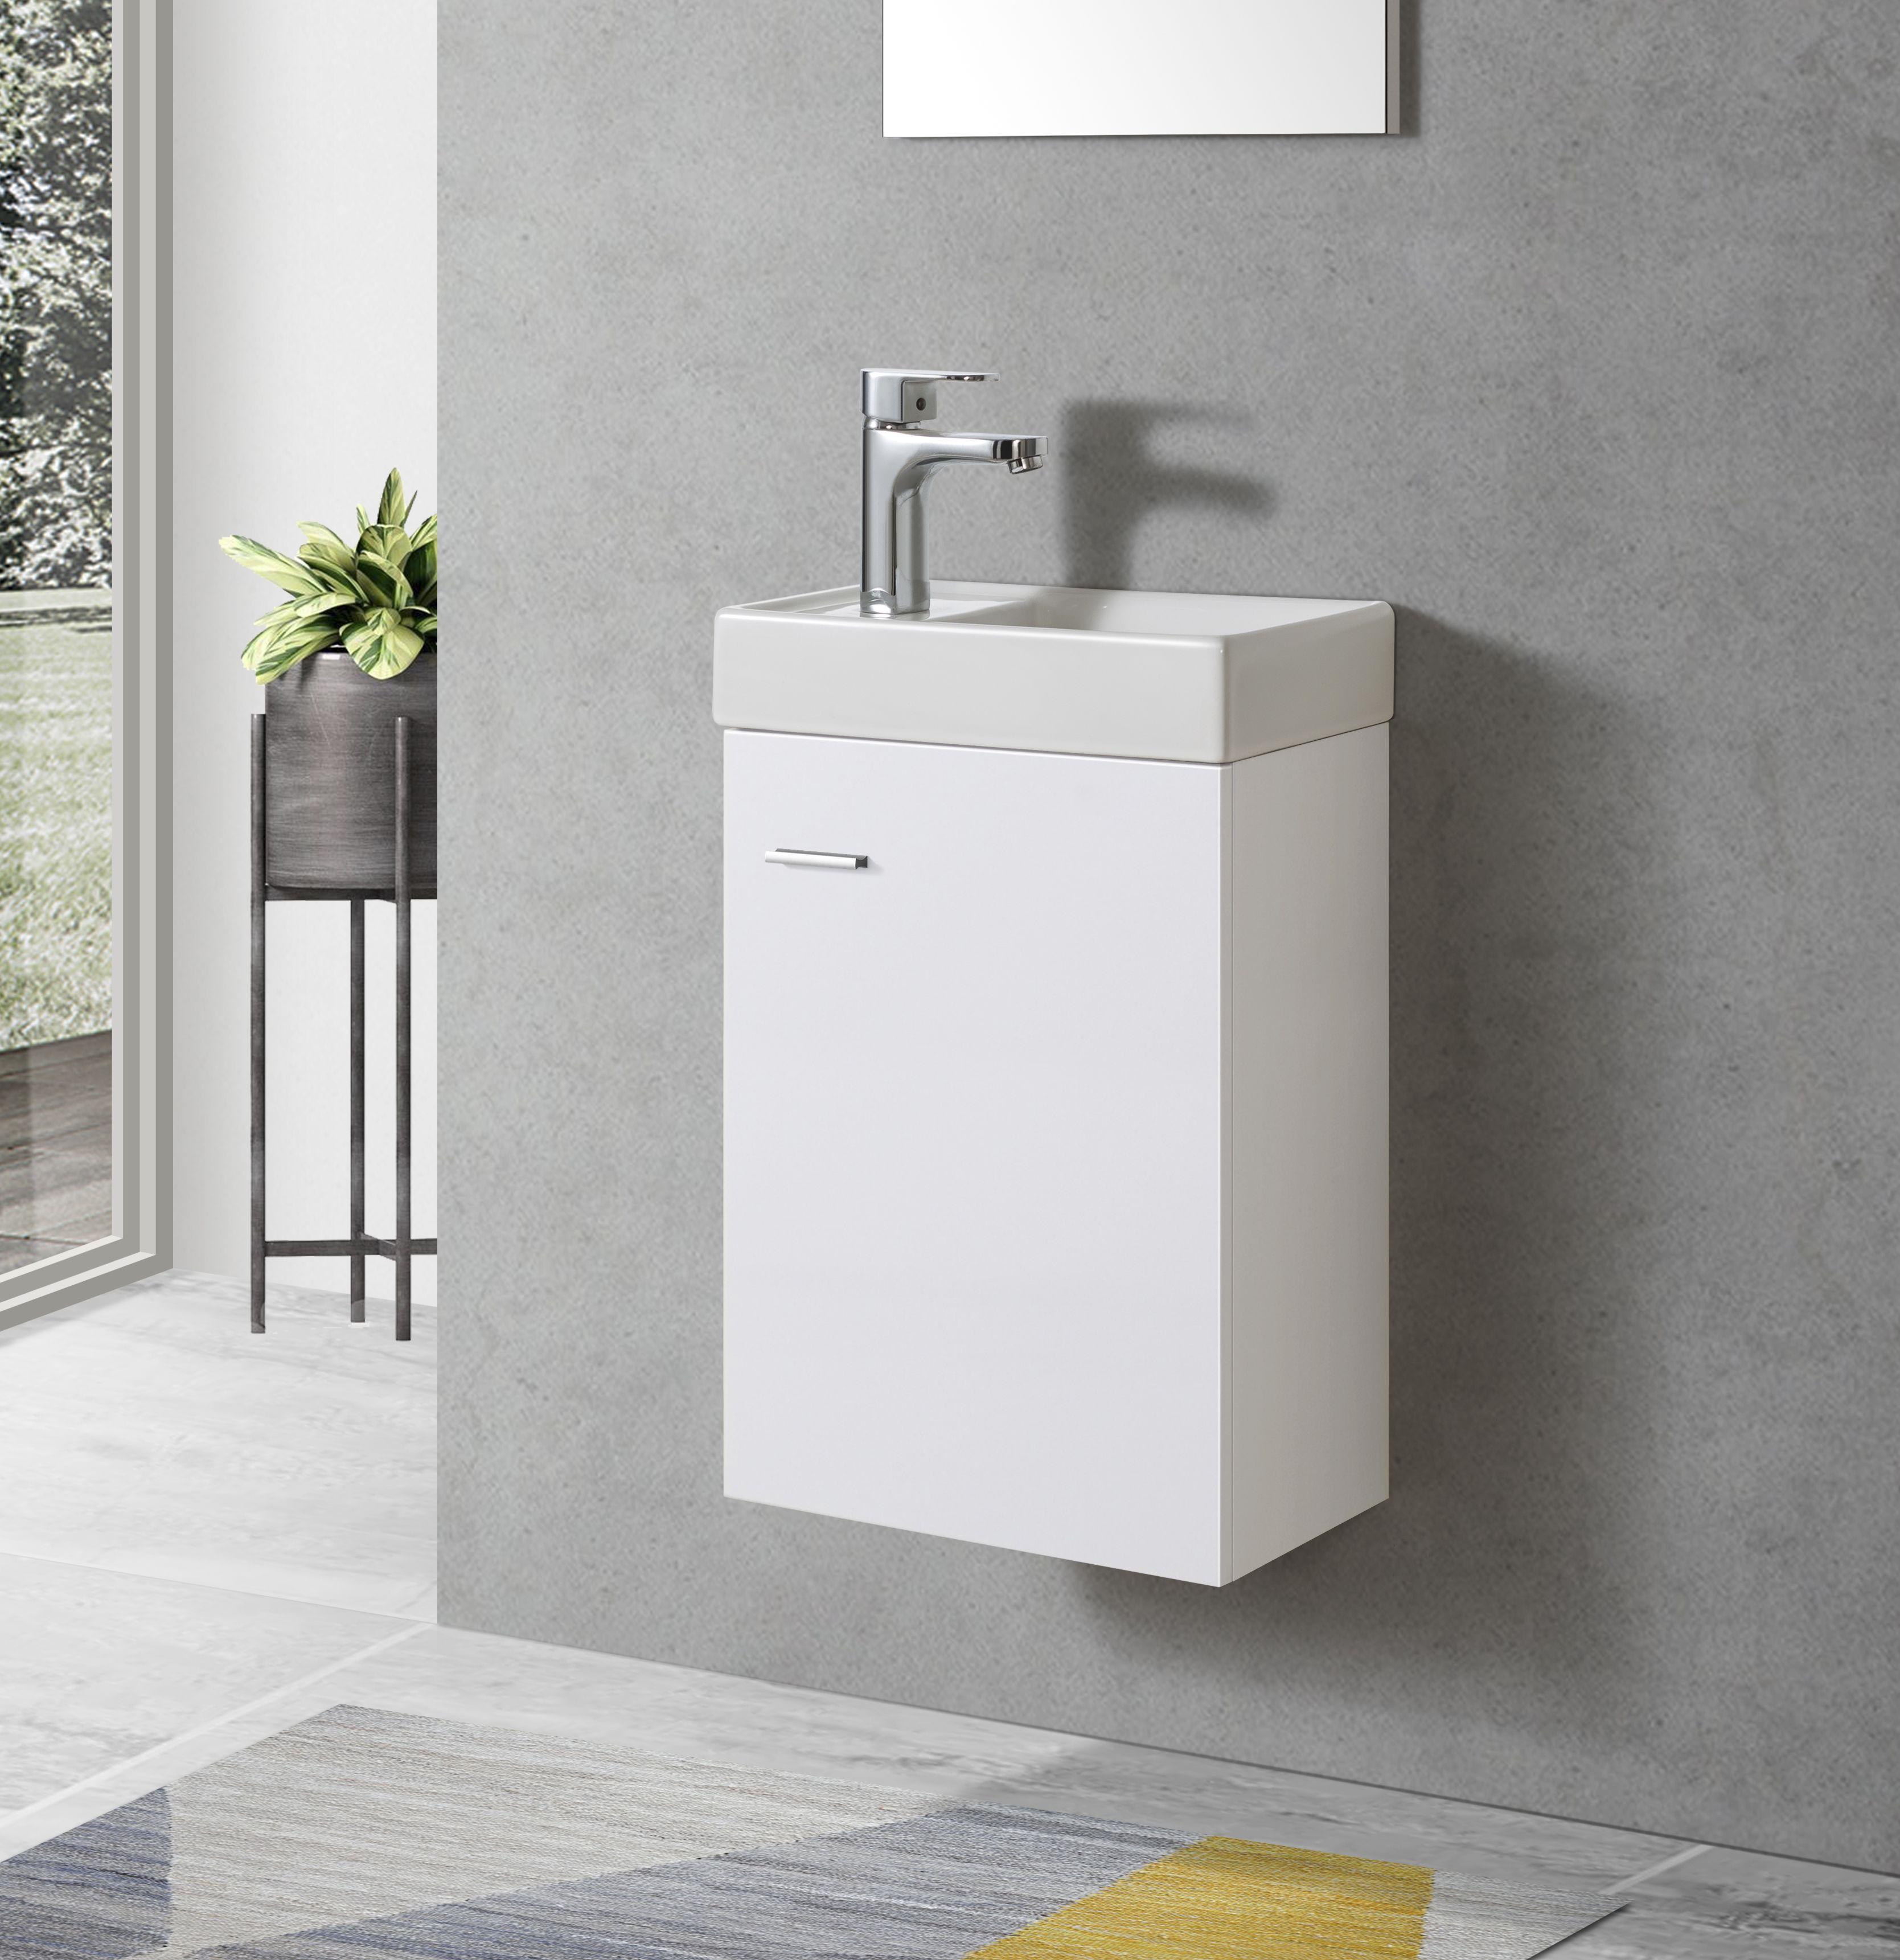 Badmöbel Unterschrank VISITO 40 in weiß inkl. Waschtisch